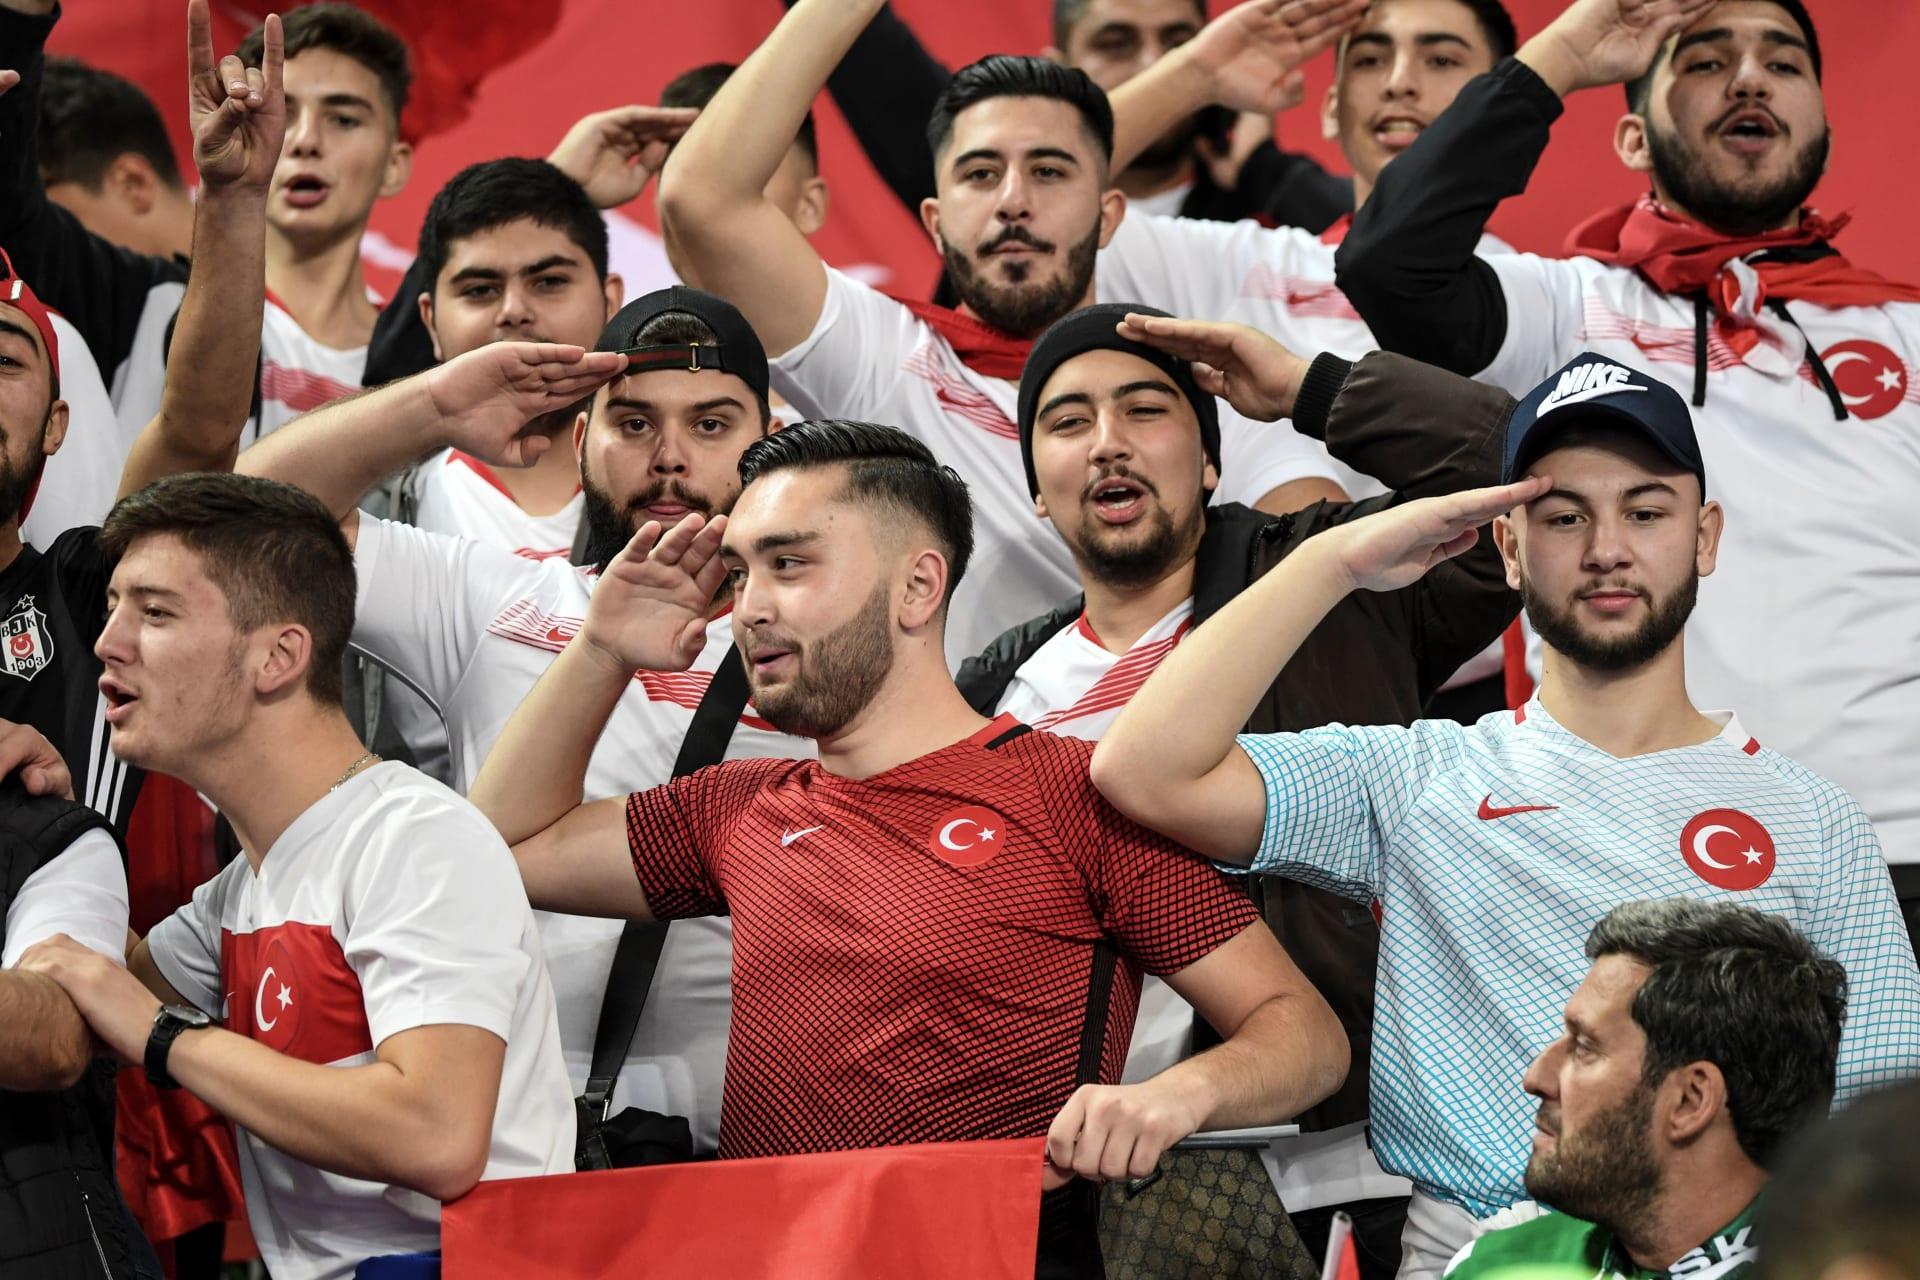 صورة للجماهير التركية وهي تؤدي التحية العسكرية